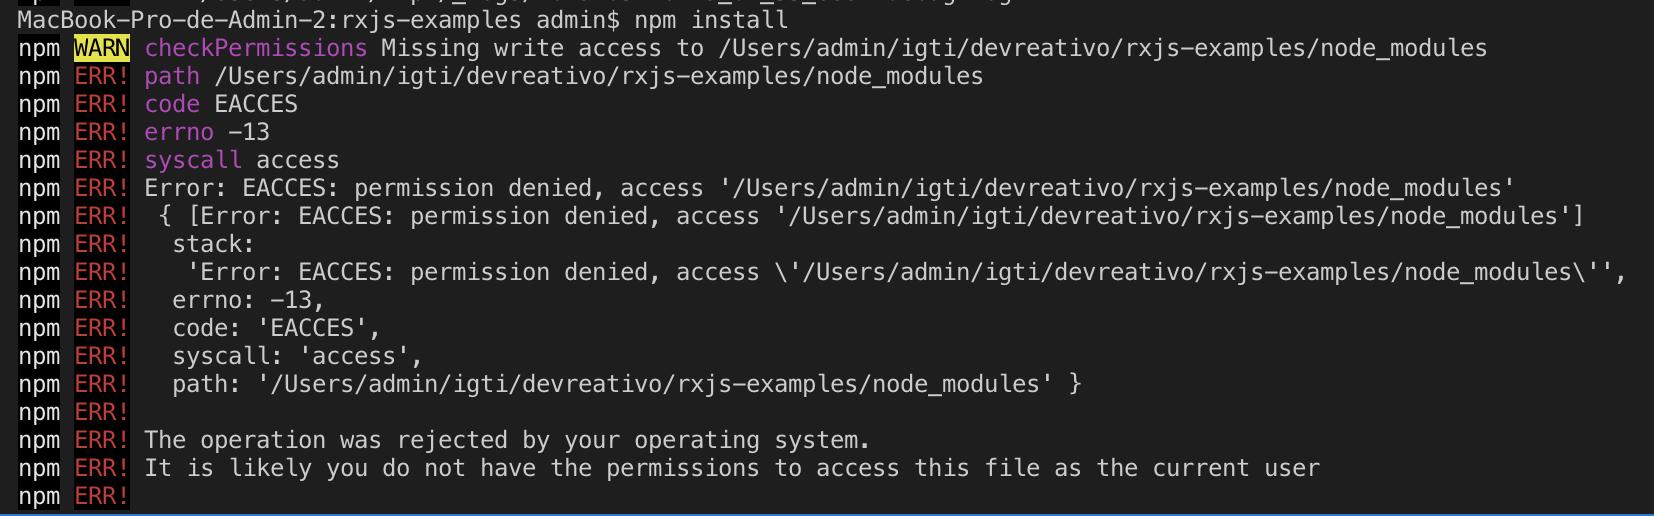 A imagem traz um erro de permissão ao instalar um pacote usando o NPM